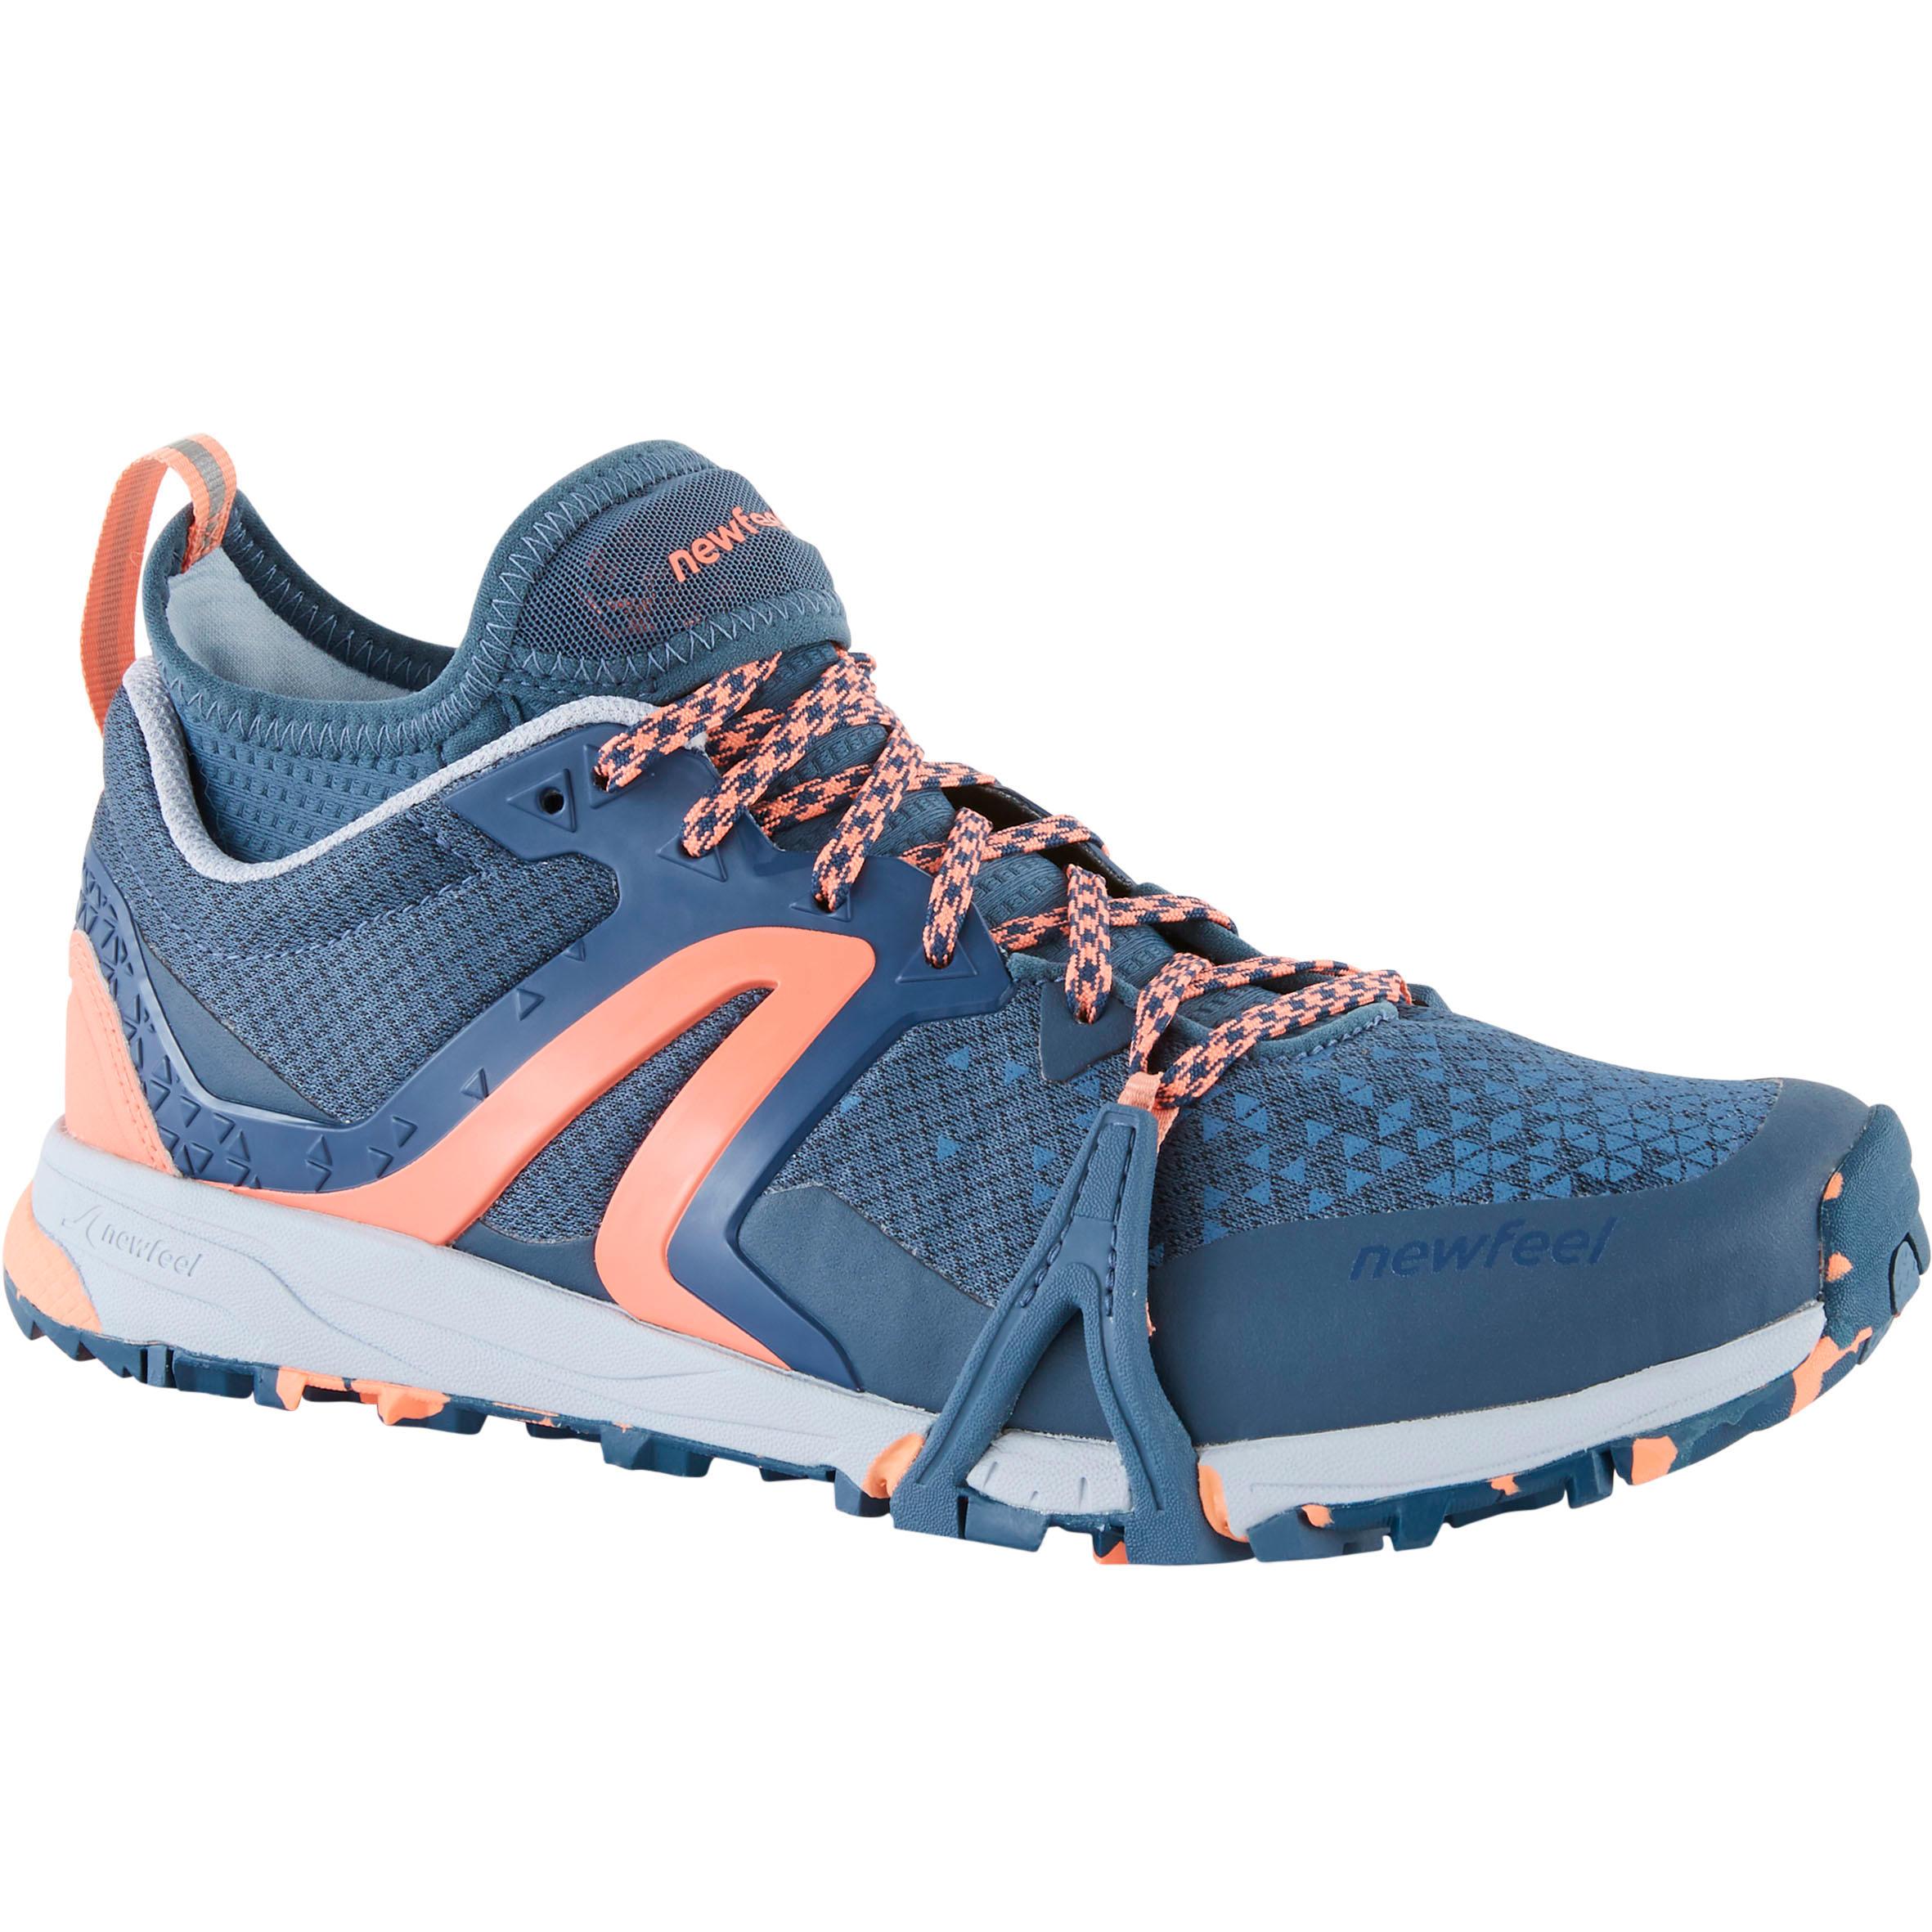 Chaussures de marche nordique femme NW 900 Flex-H gris / corail - Newfeel